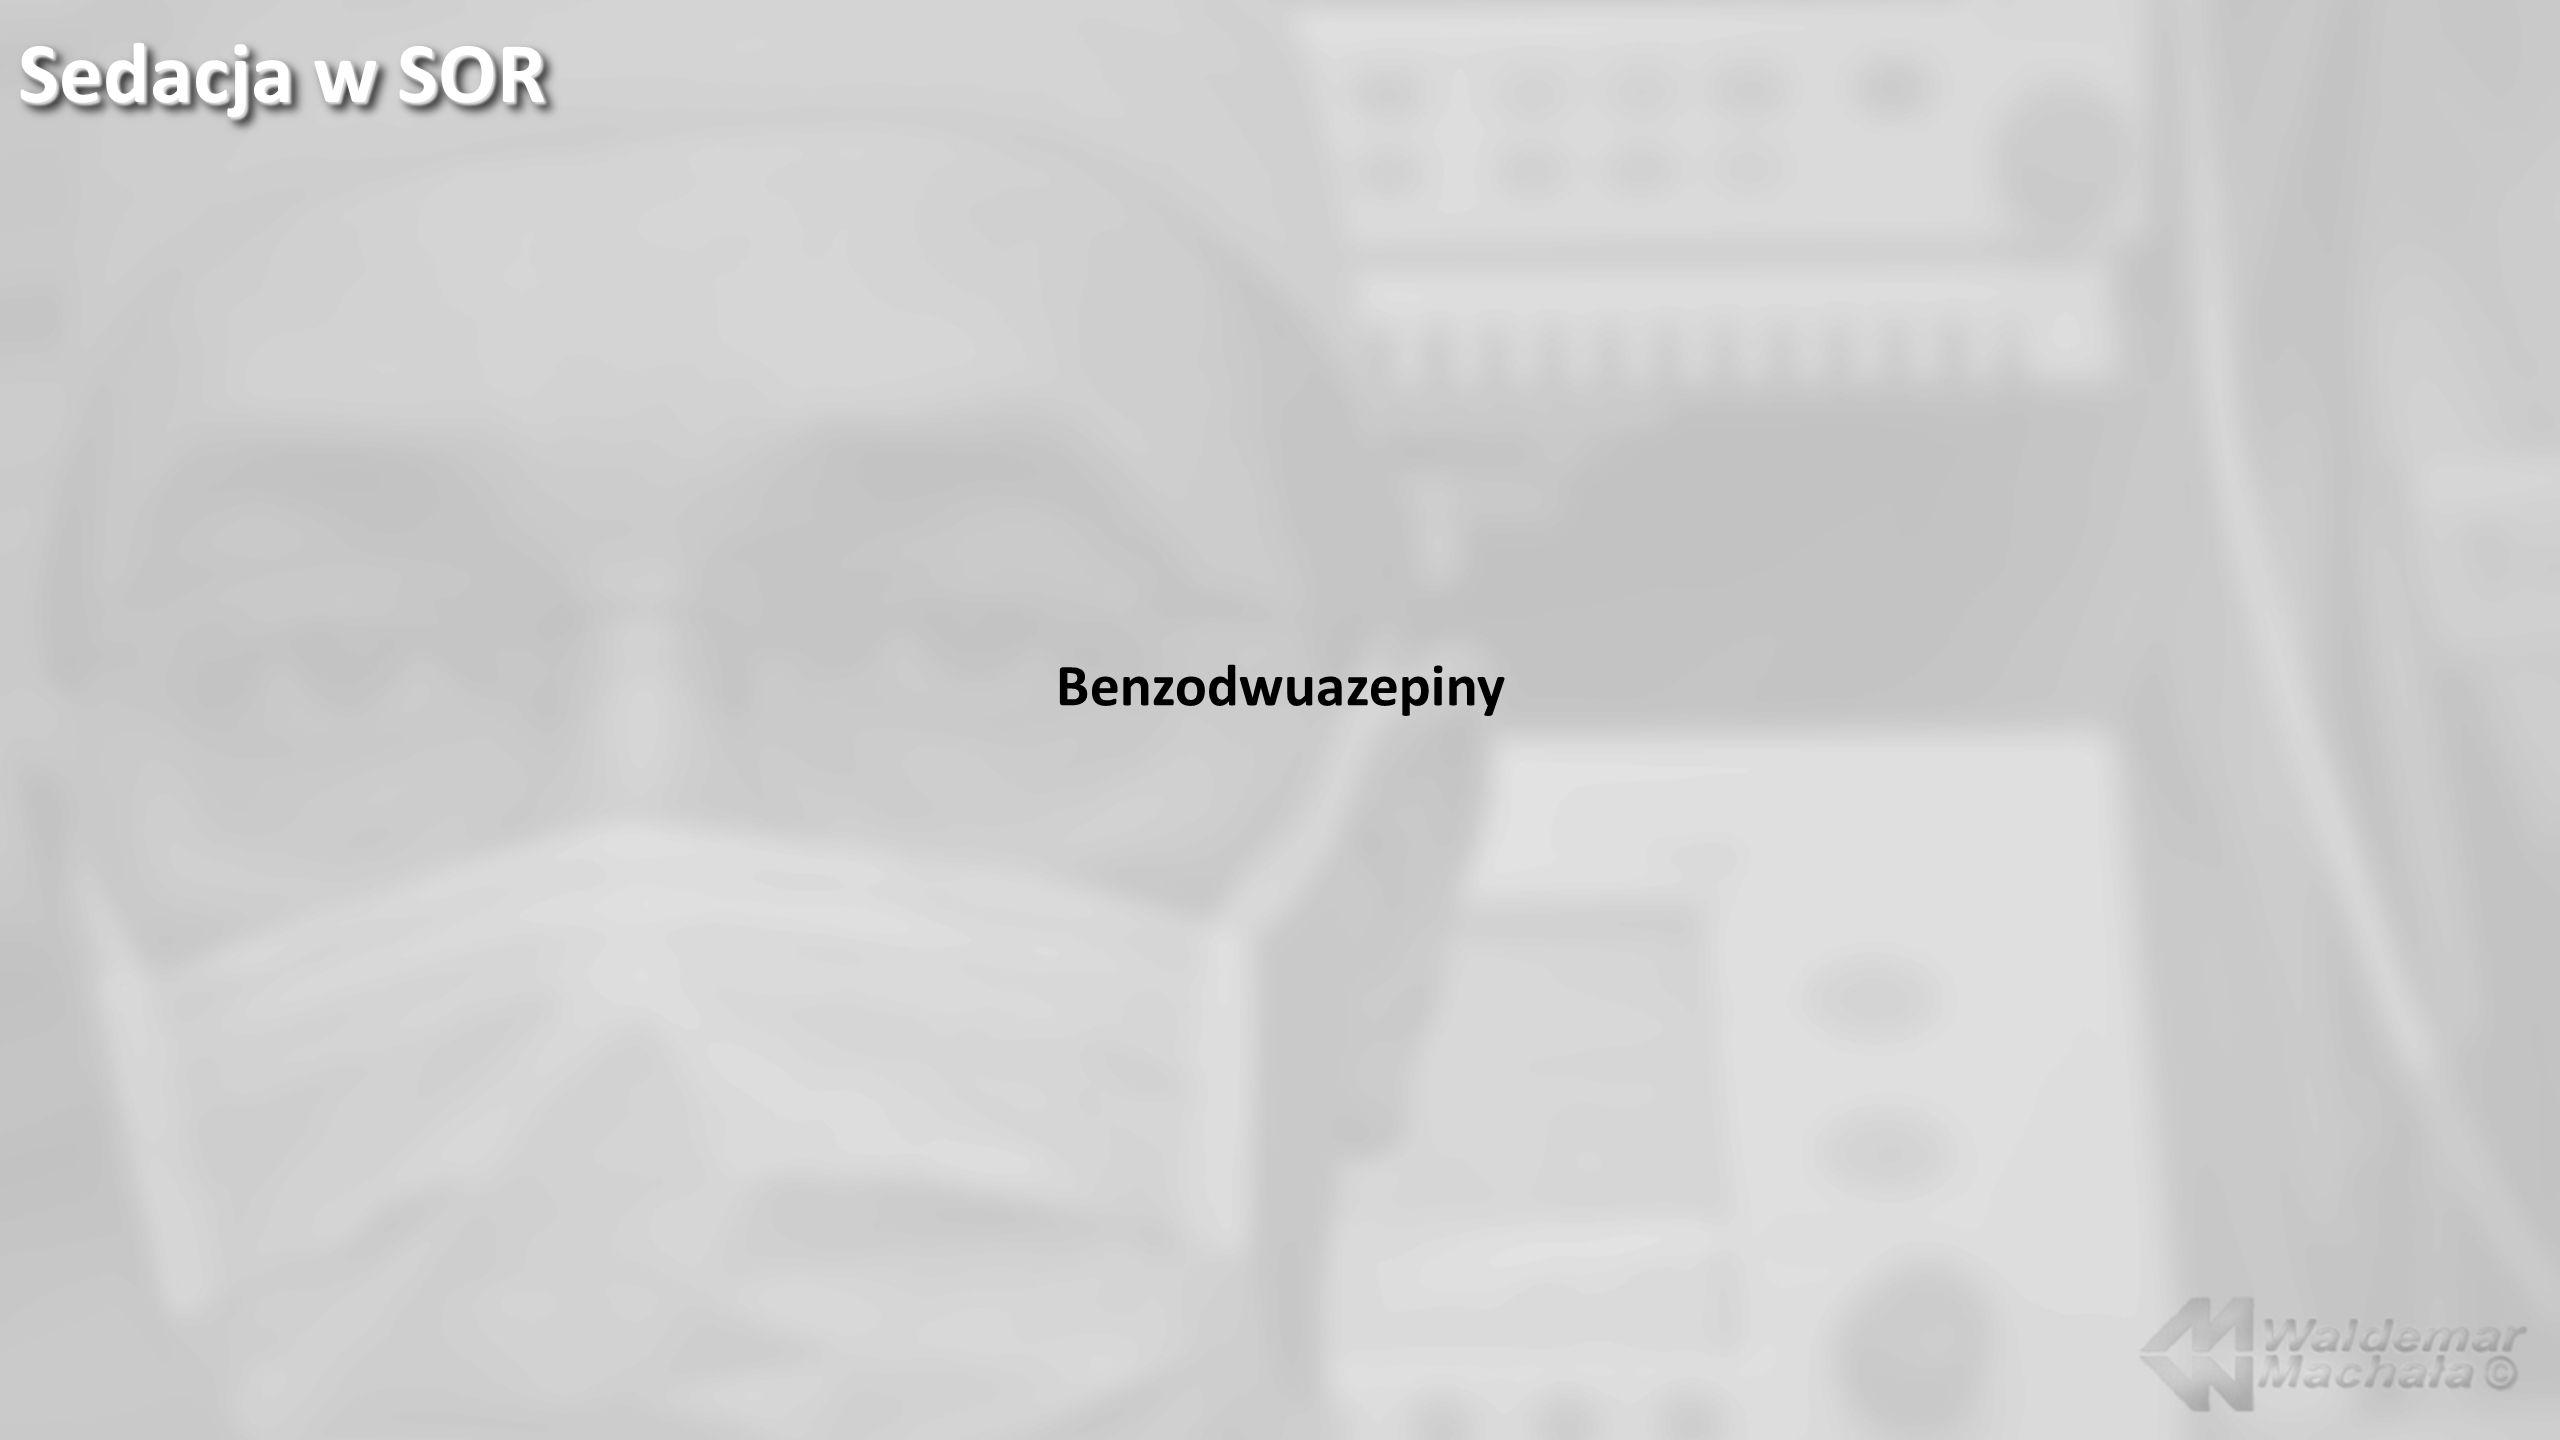 Benzodwuazepiny Sedacja w SOR